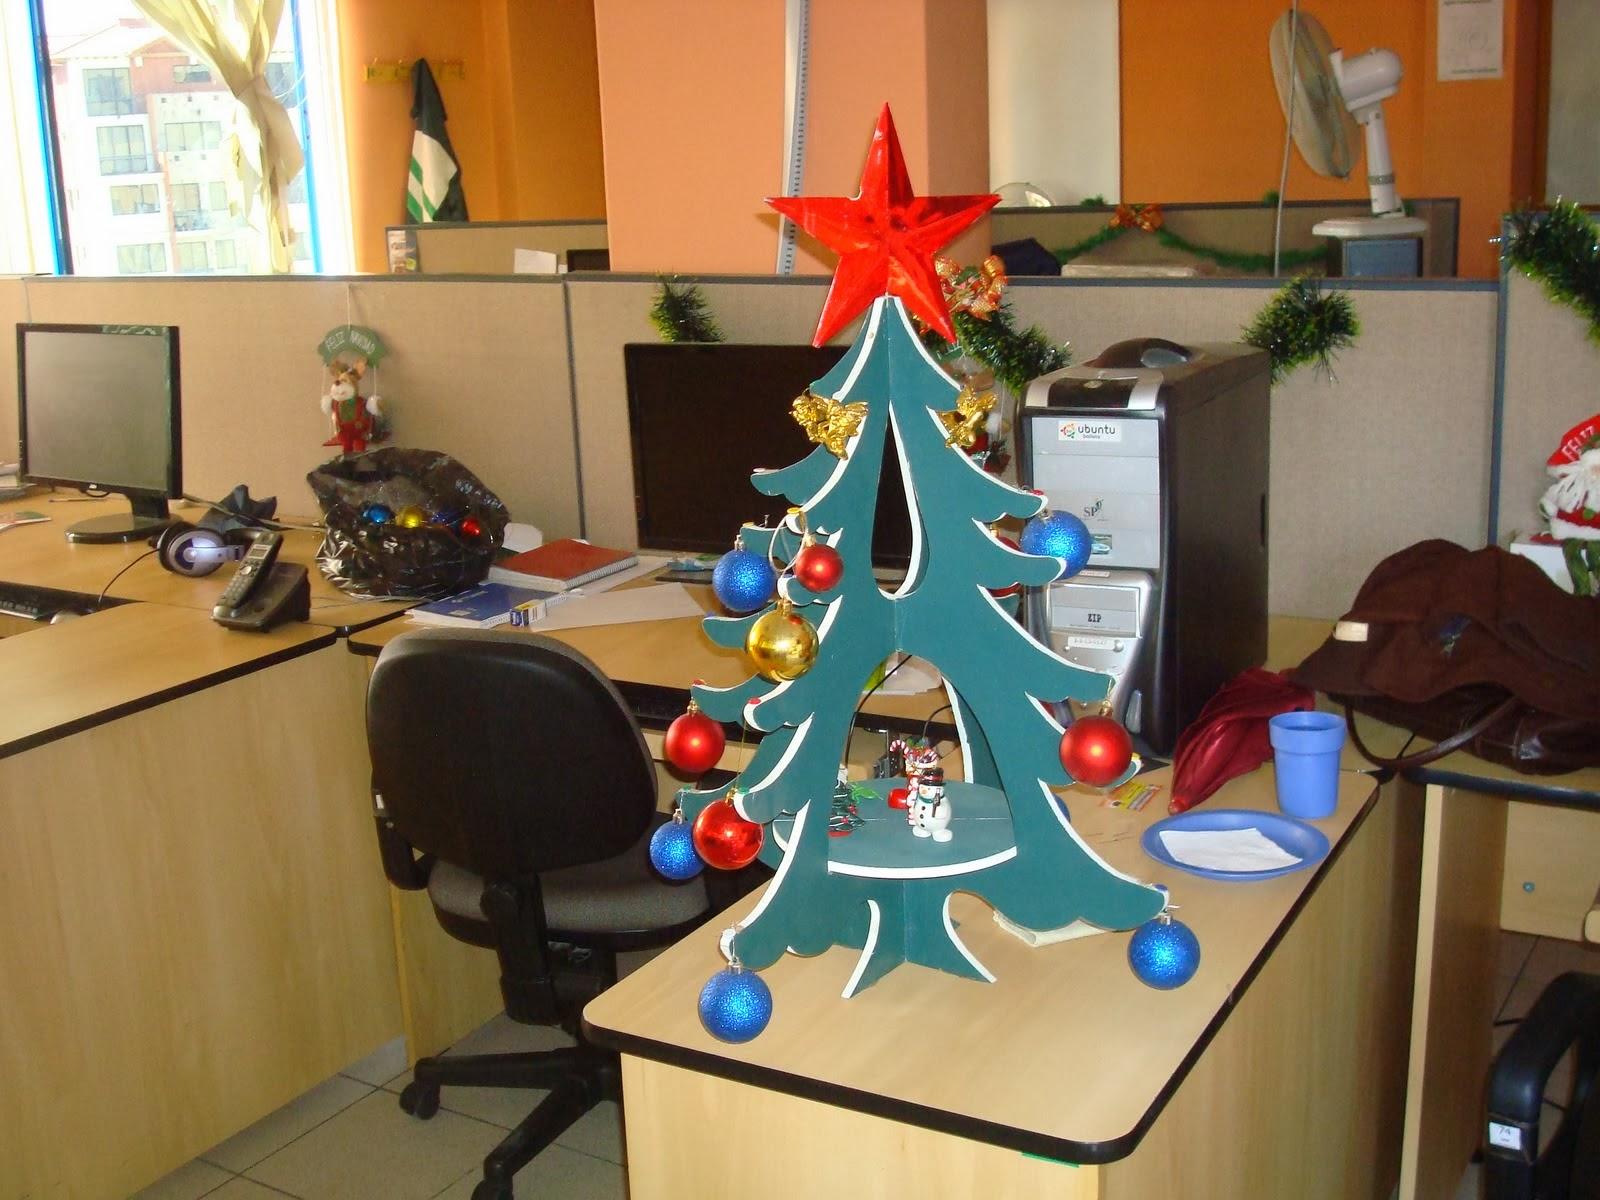 Megaoffice viste de navidad tu oficina - Decoracion de navidad para oficina ...